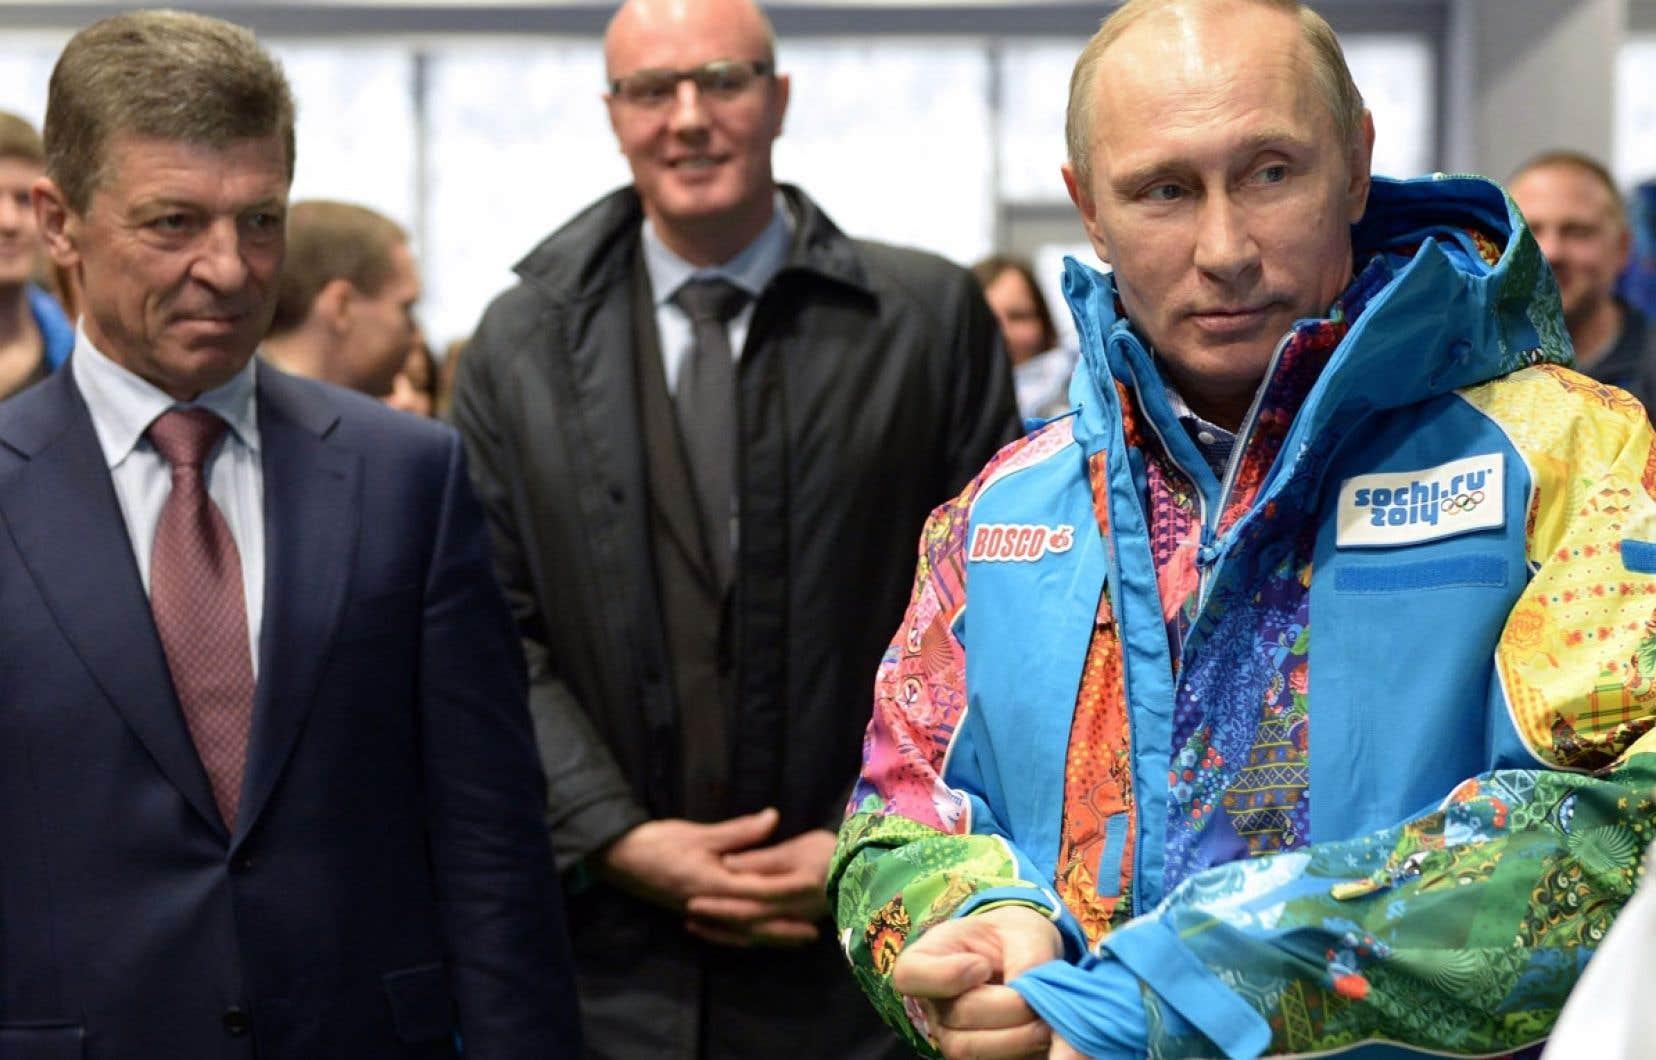 Vladimir Poutine a enfilé samedi l'uniforme des bénévoles aux Jeux olympiques lors d'une visite à Sotchi. Ces Jeux constitueront un moment-clé pour la Russie et pour lui-même.